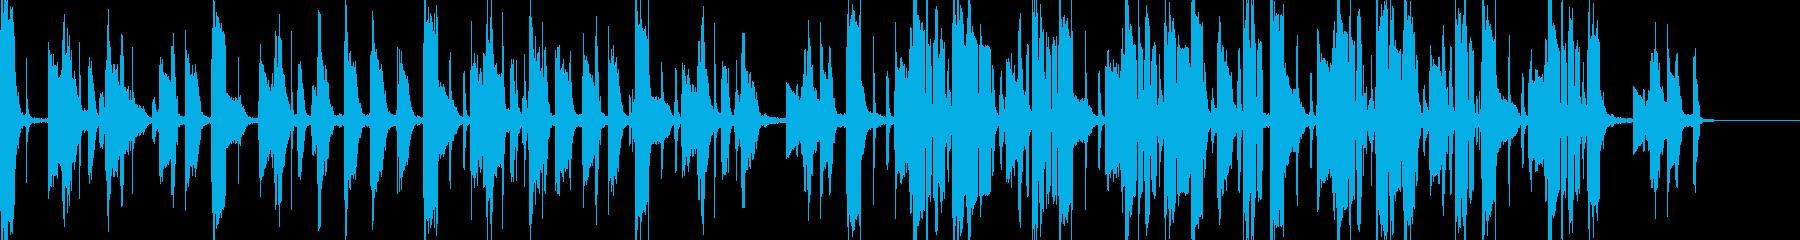 ボーカルなしのオシャレなソウルホップの再生済みの波形